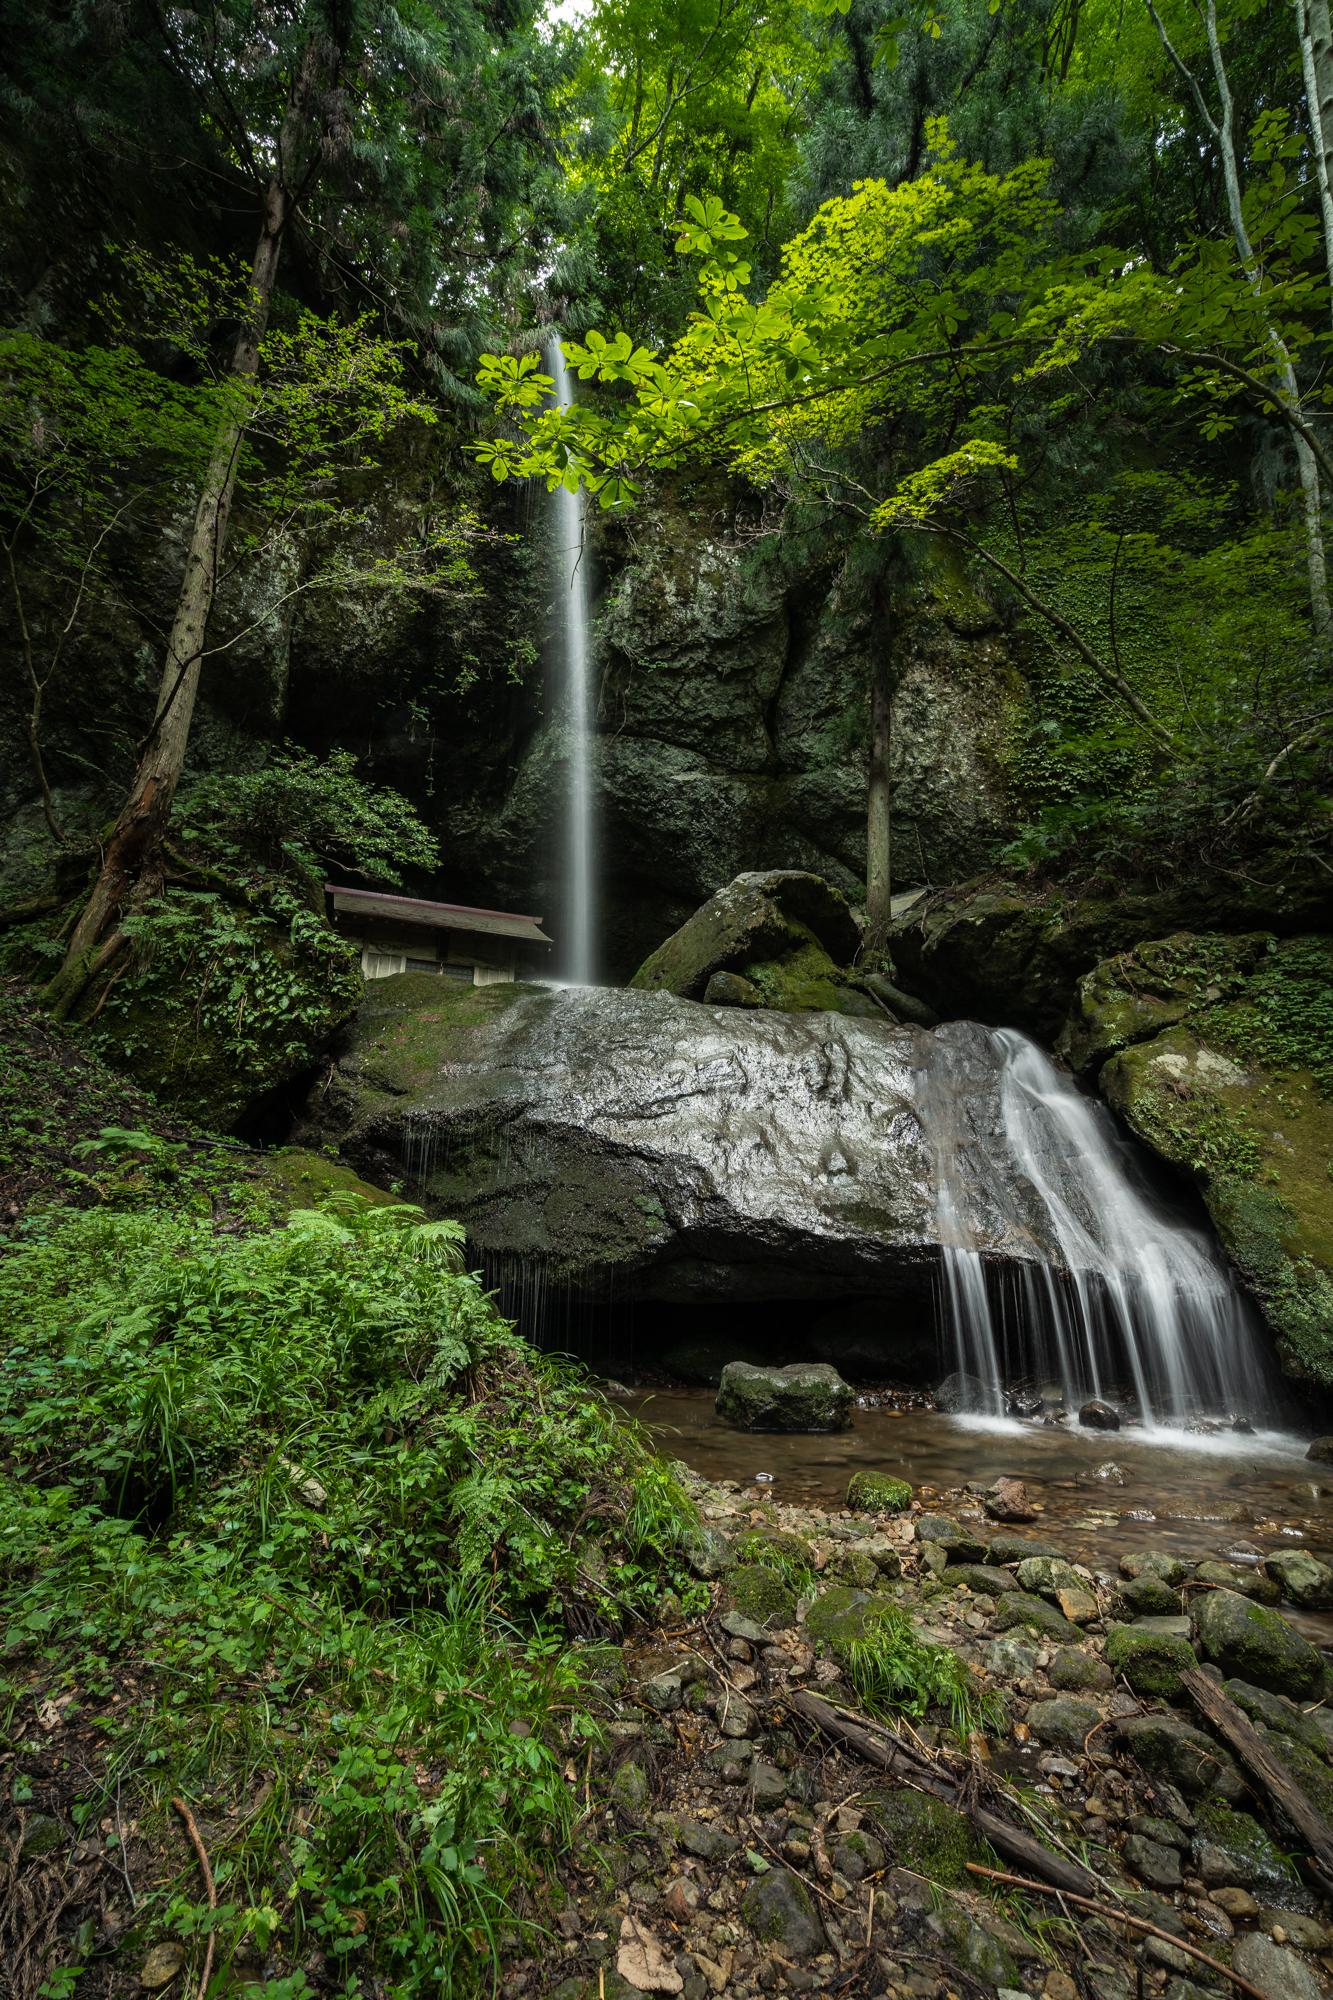 DSC01017 兵庫県   吉滝 (駐車場から徒歩約5分!  関西・近畿・兵庫県の滝スポット! アクセス情報や撮影ポイントなど!)